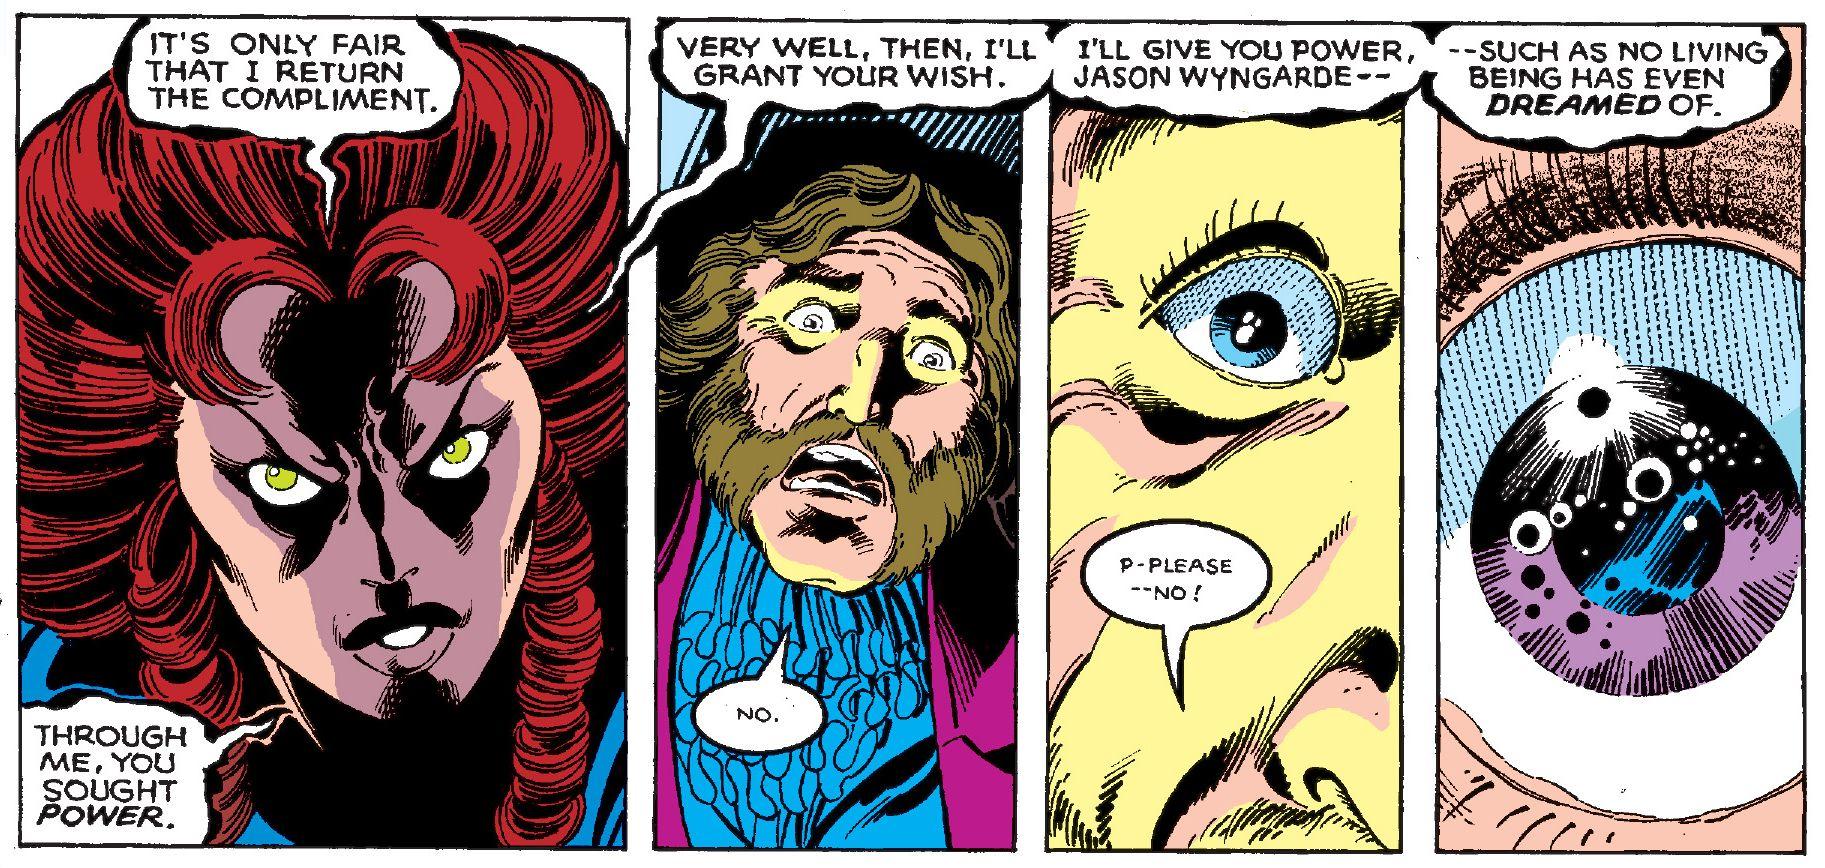 Uncanny X-Men  #134 (Marvel, June 1980), page 22